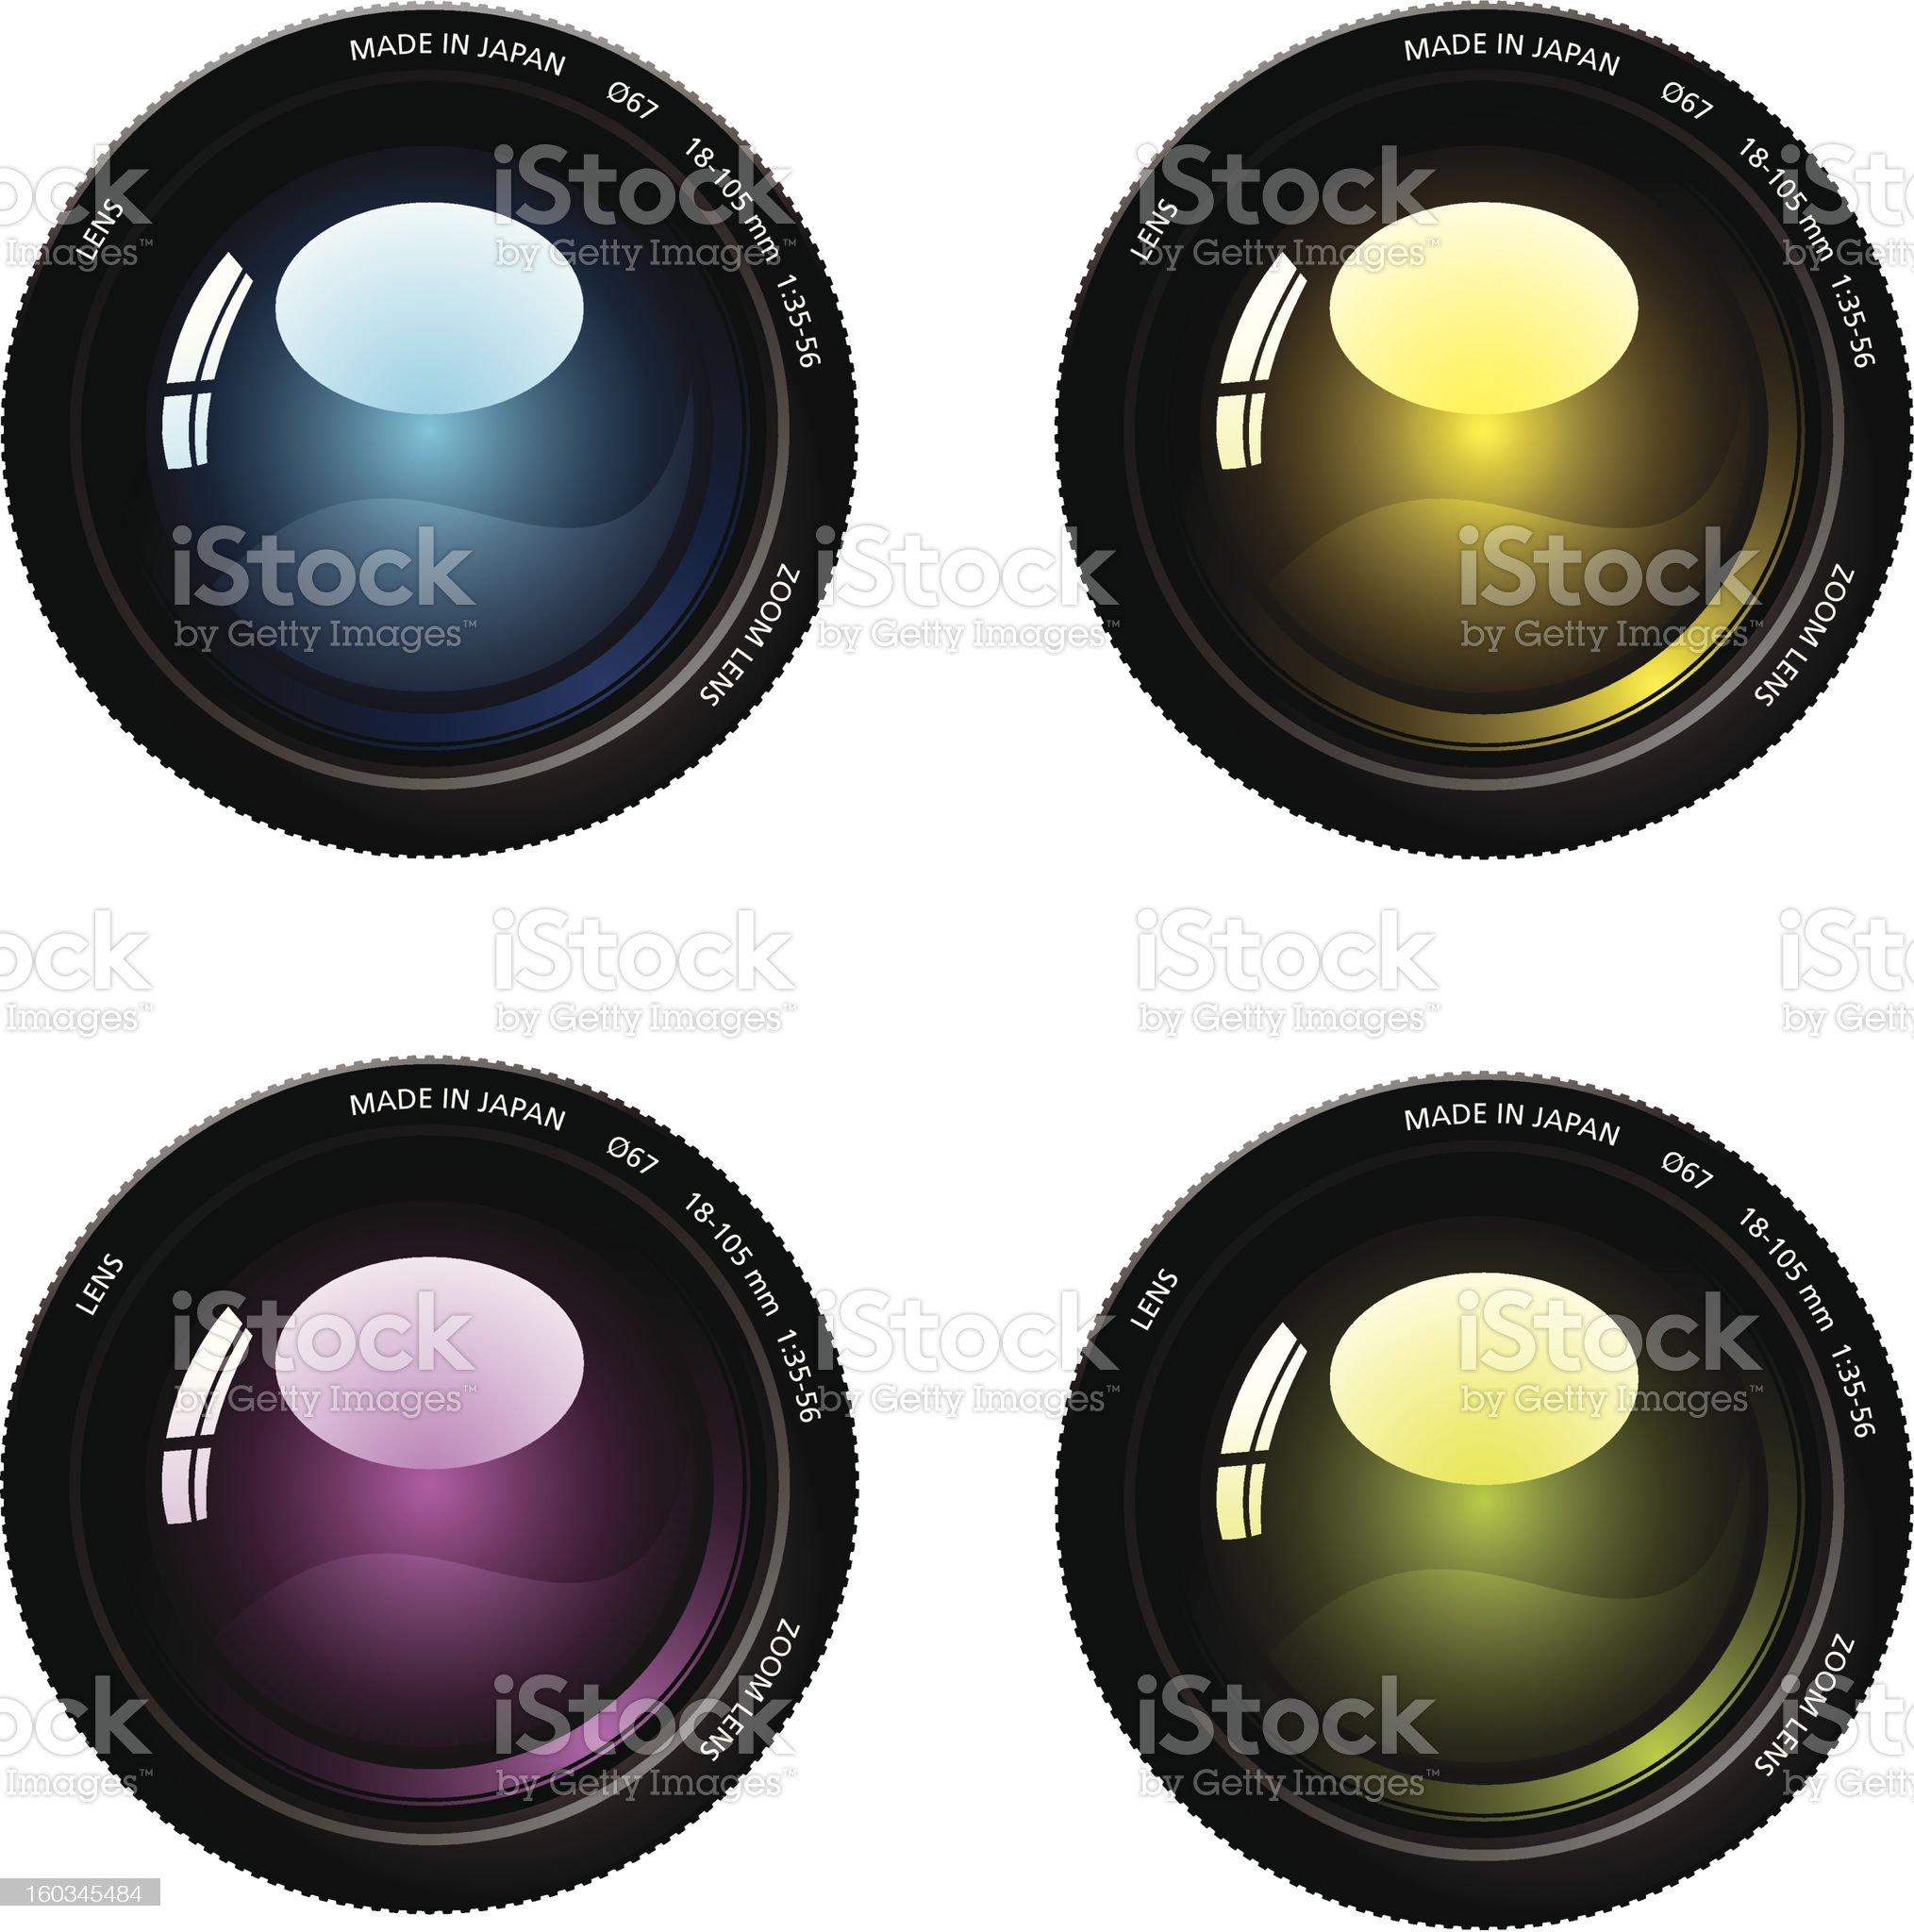 Camera lens. royalty-free stock photo